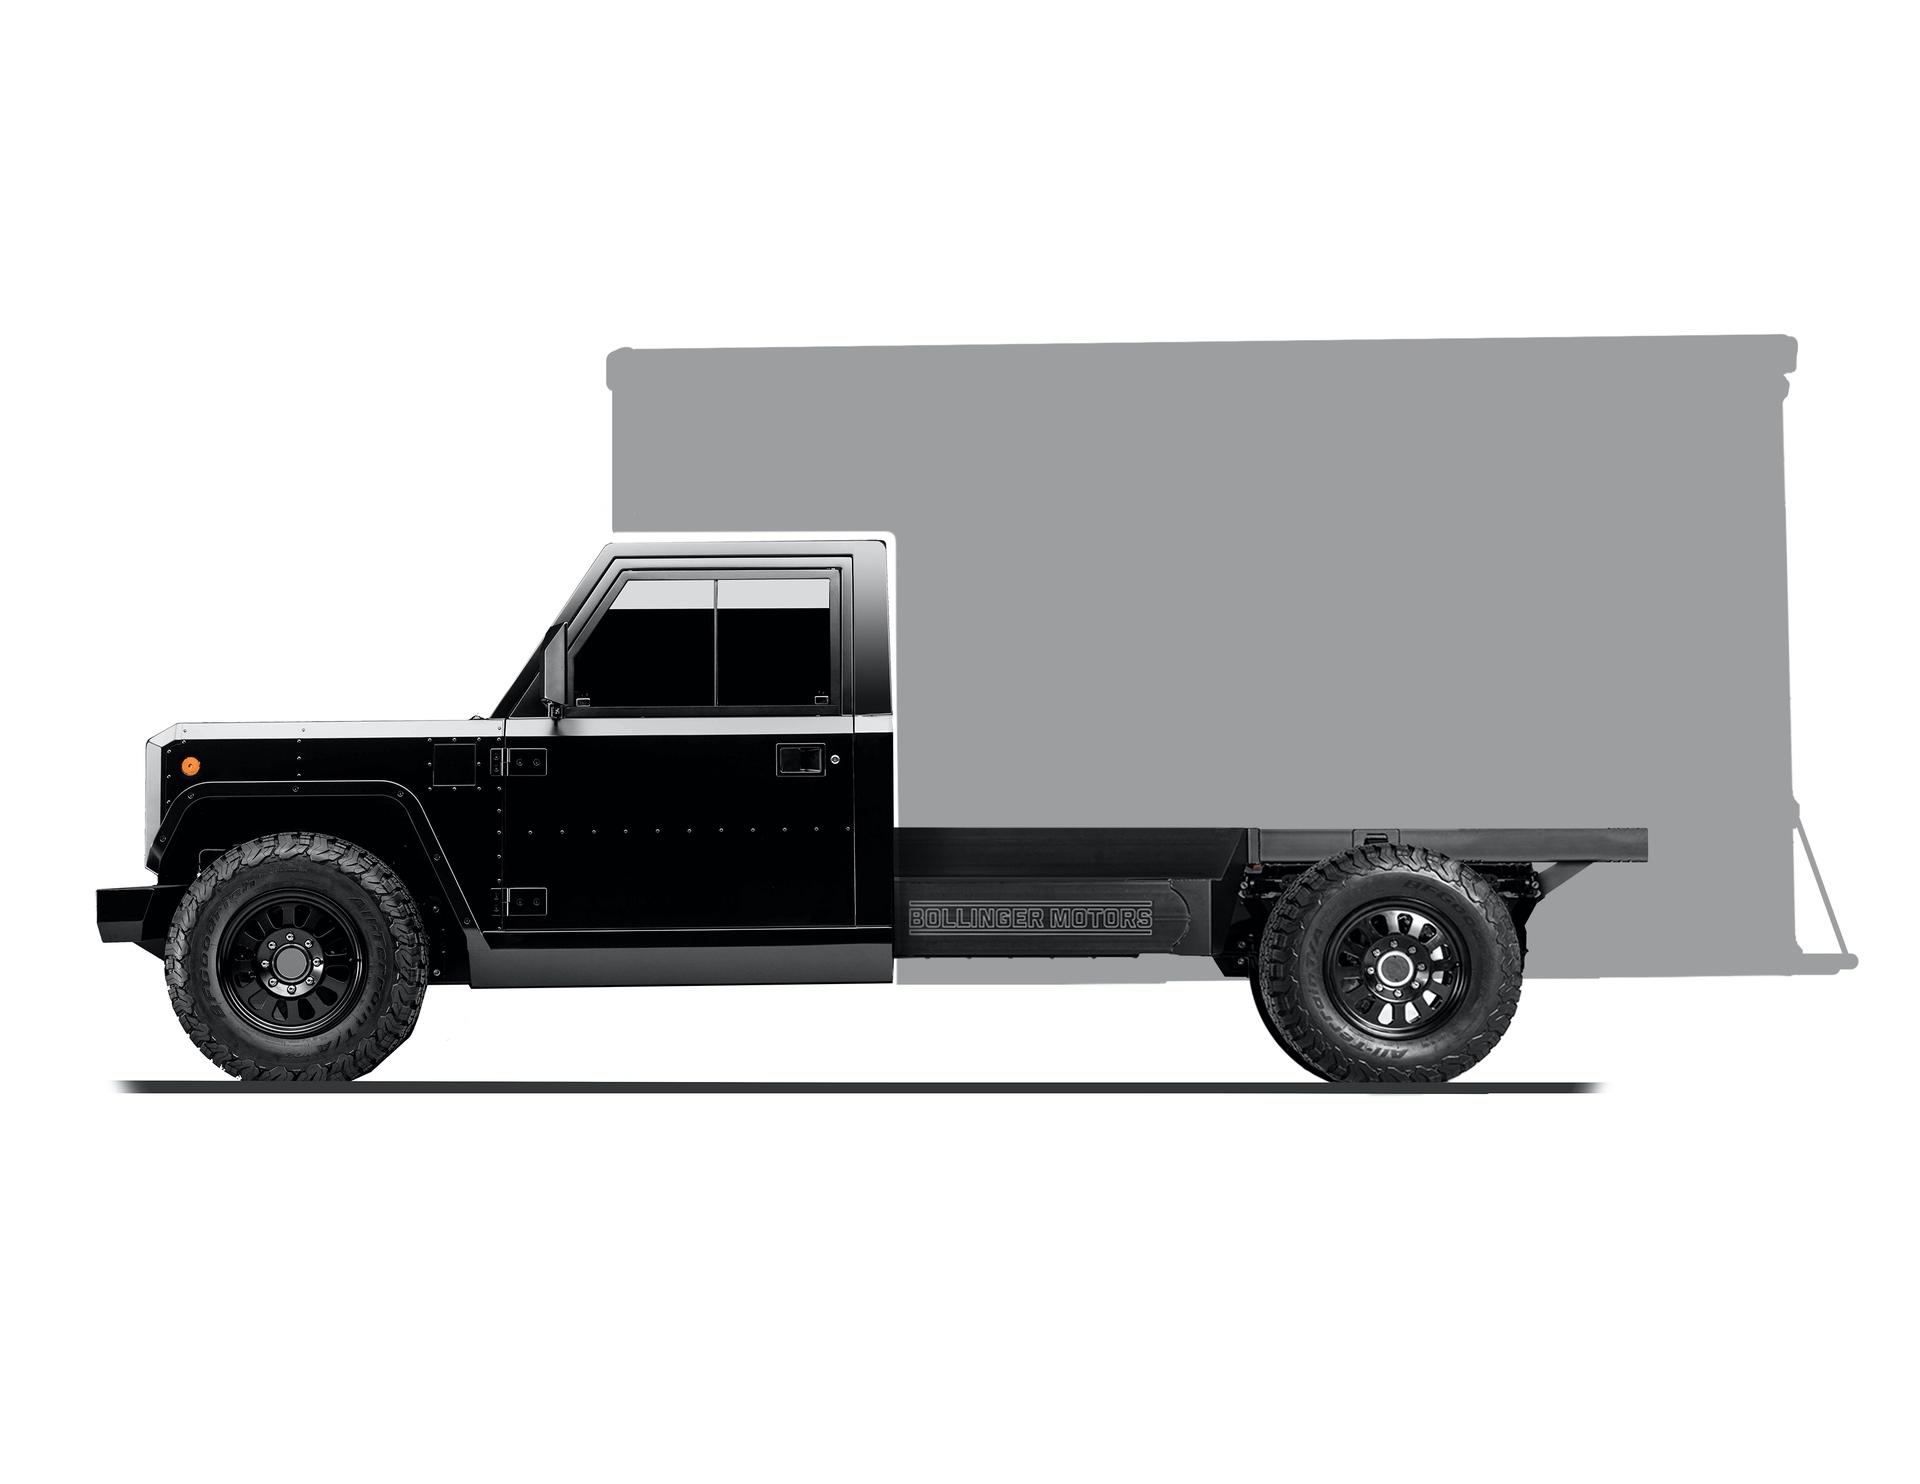 Bollinger-Motors-B2-Chassis-Cab-Box-Truck-side